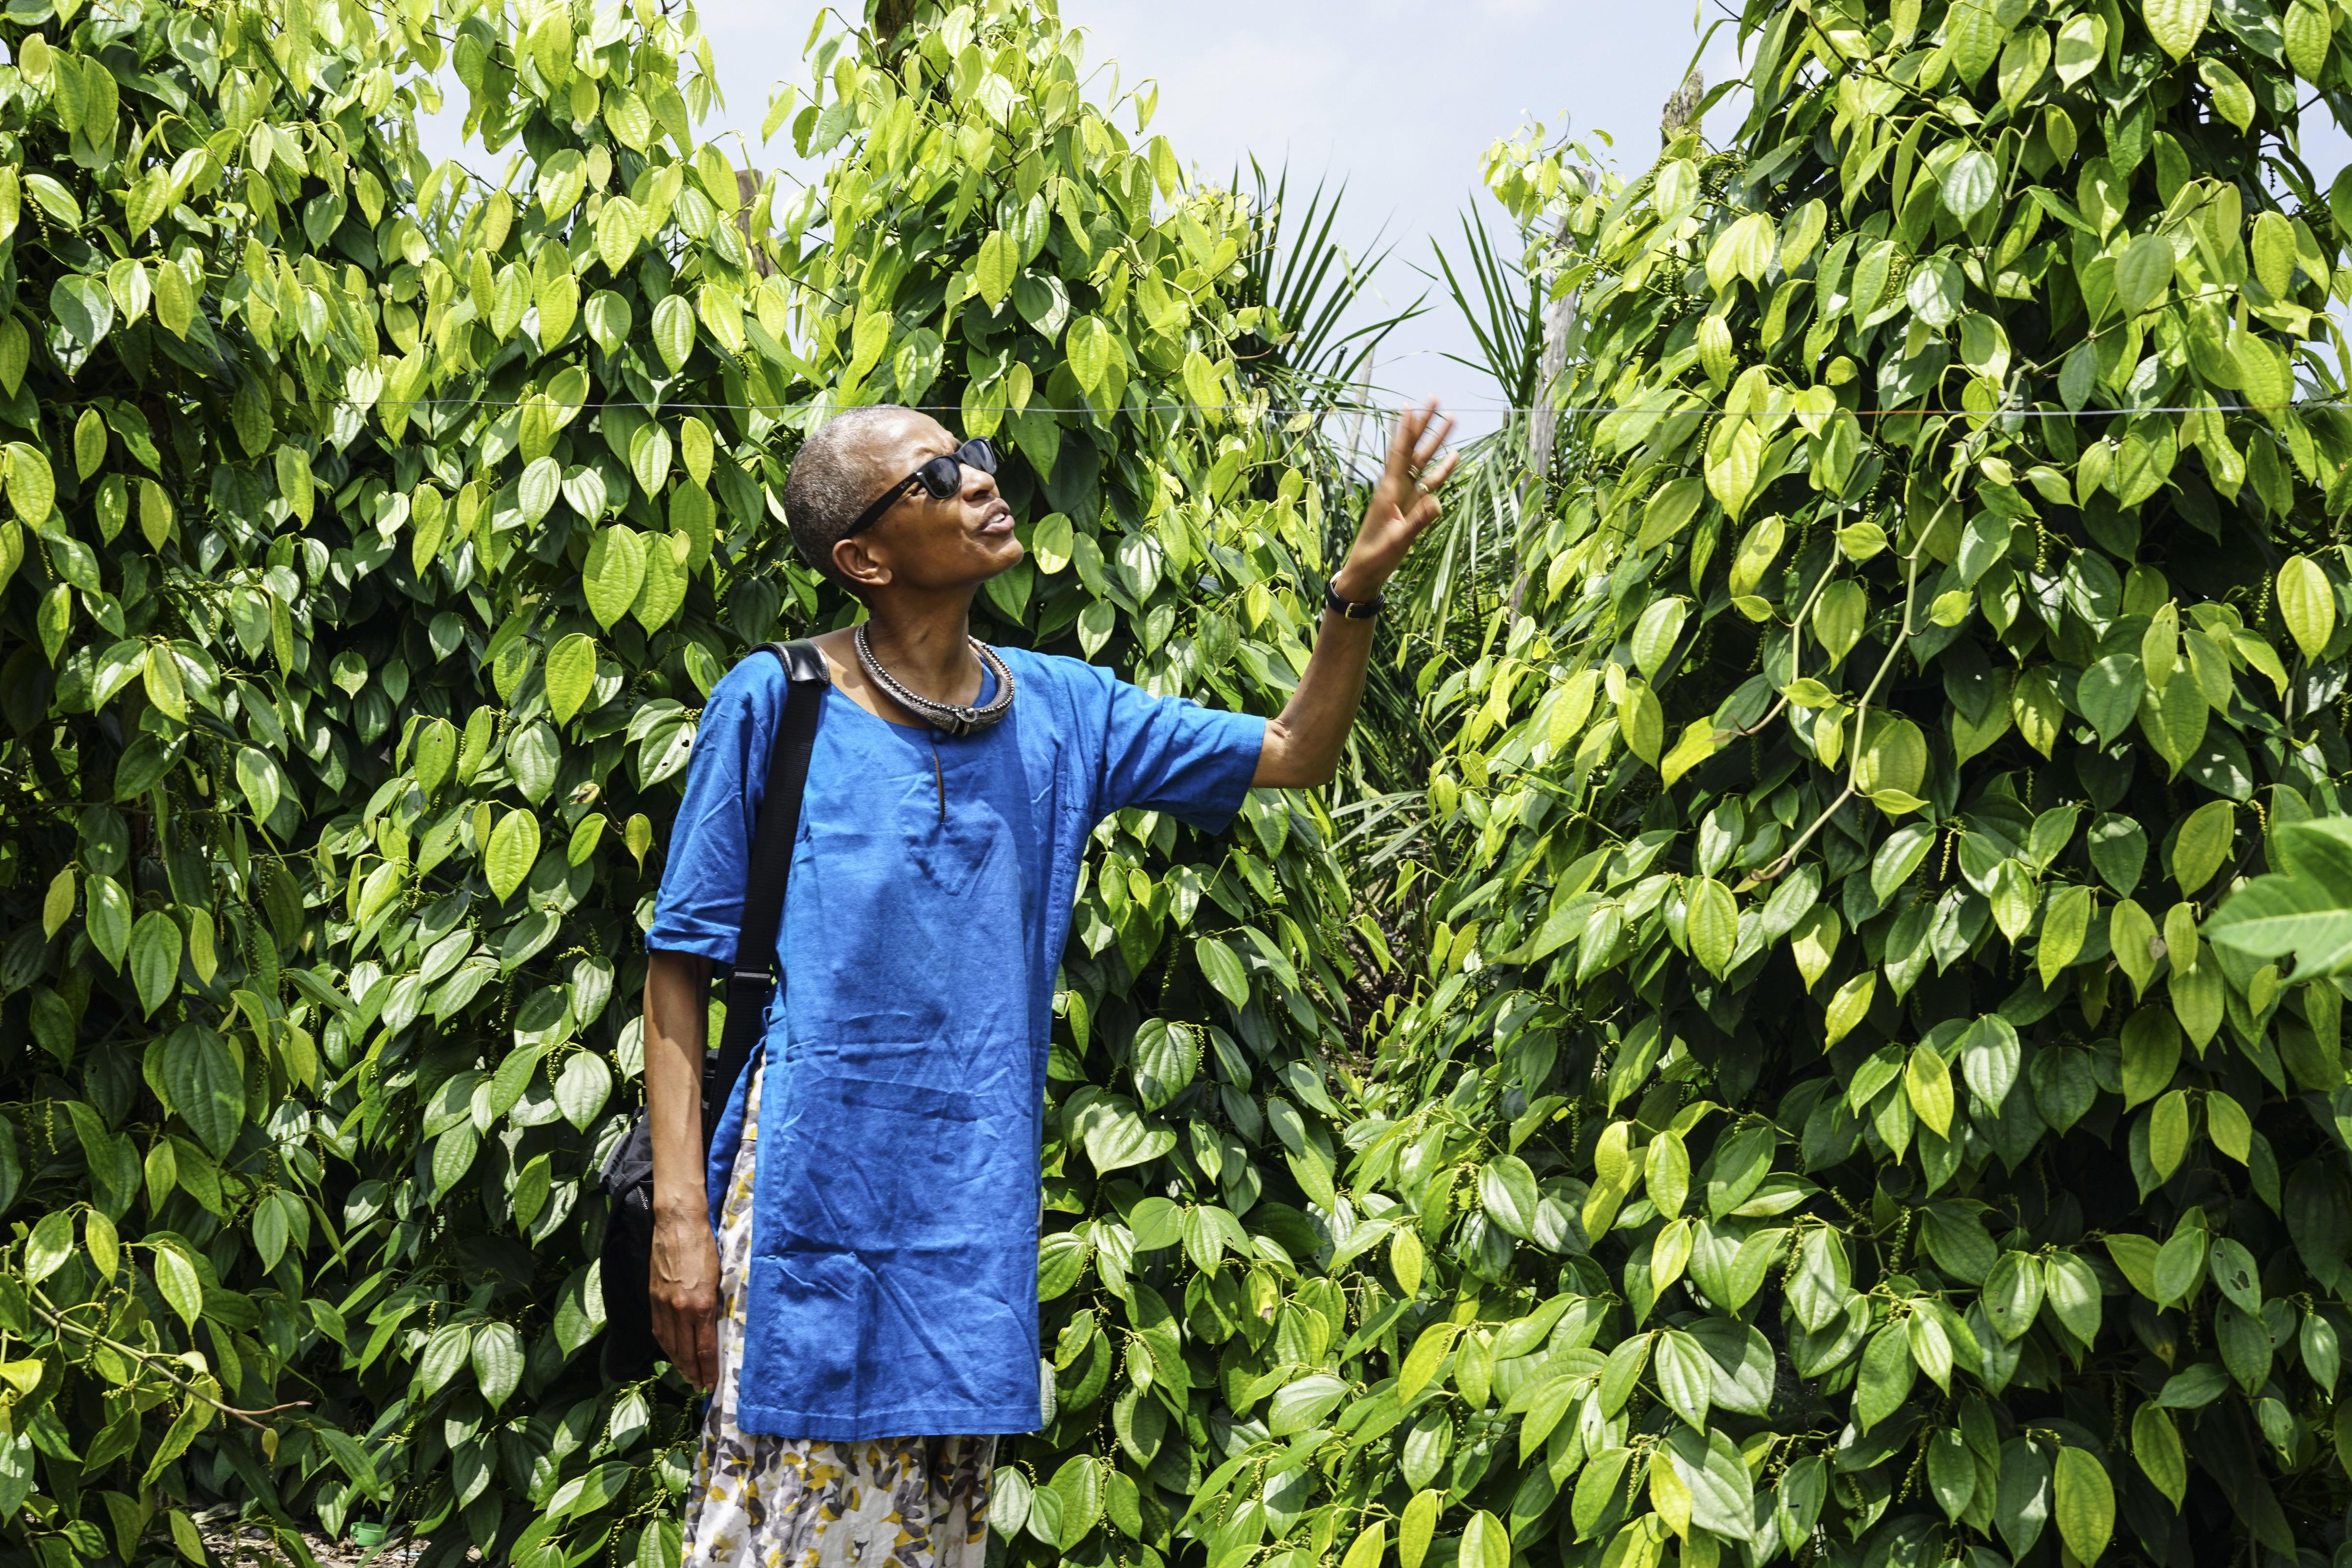 Muntok pepper vines